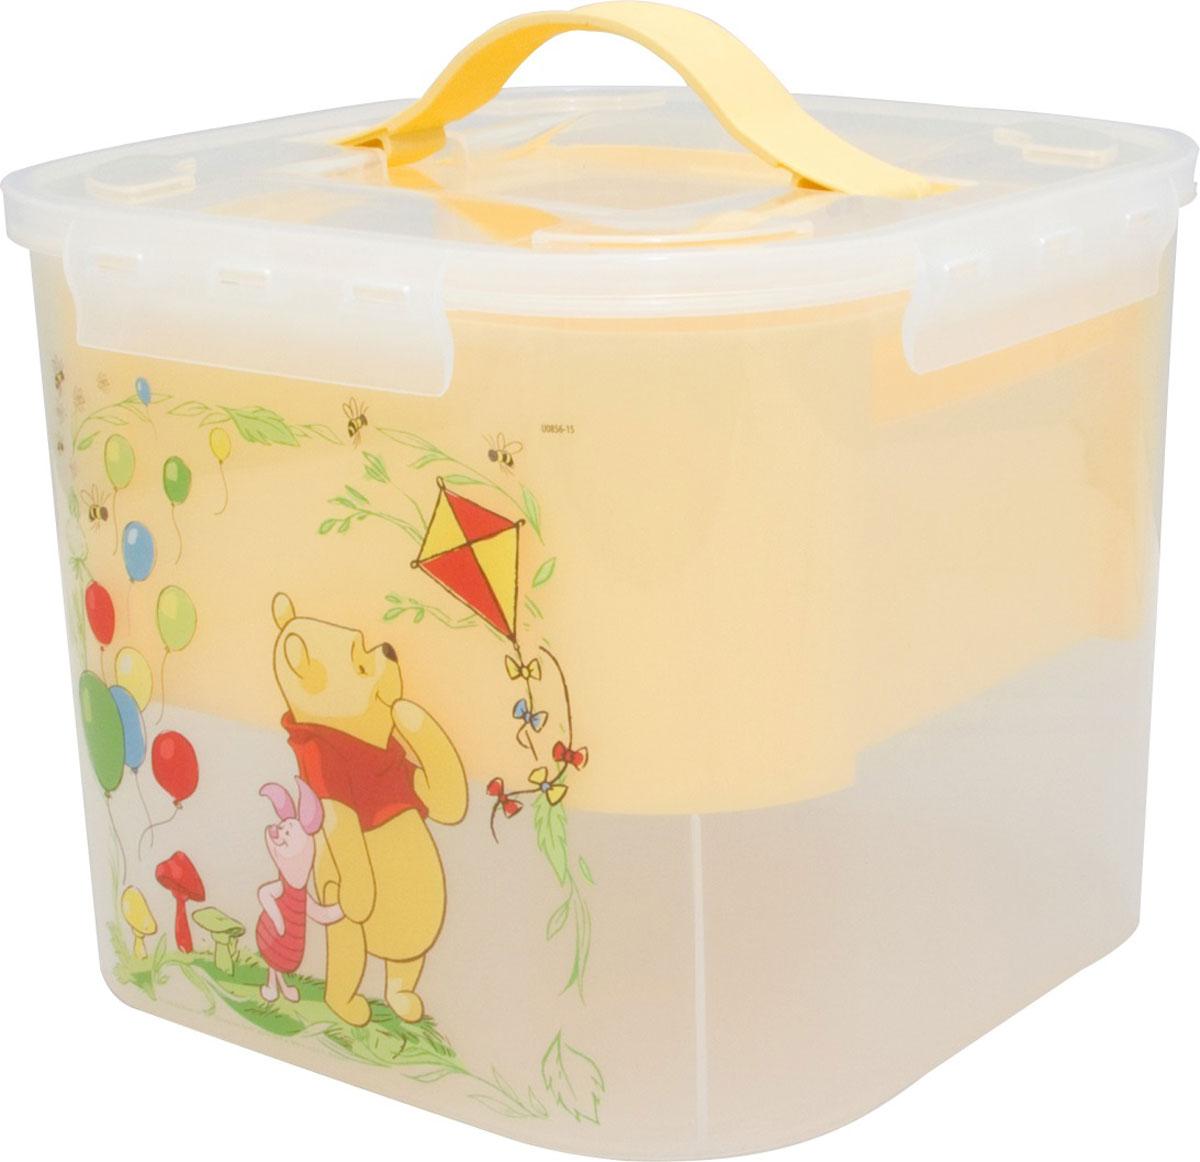 Контейнер для детских принадлежностей Disney, цвет: банановый, 7 лМ 2824-ДТри ярких дизайна из вселенной Disney – «Винни пух», «Мари»и «Далматинцы» . Новые контейнеры порадуют детей своим дизайном, а родителей вместительностью и удобством использования.В каждом изделии имеется дополнительный цветной вкладыш, который облегчает процесс хранения, поиска необходимого в контейнере.Изготовлены из пищевой пластмассы поэтому абсолютно безопасны для хранения продуктов, детских игрушек, канцелярских принадлежностей и др.Прочные ручки из эластопласта легко выдвигаются и убираются, когда это необходимо.Защелки крышки открываются/закрываются легко и надежно